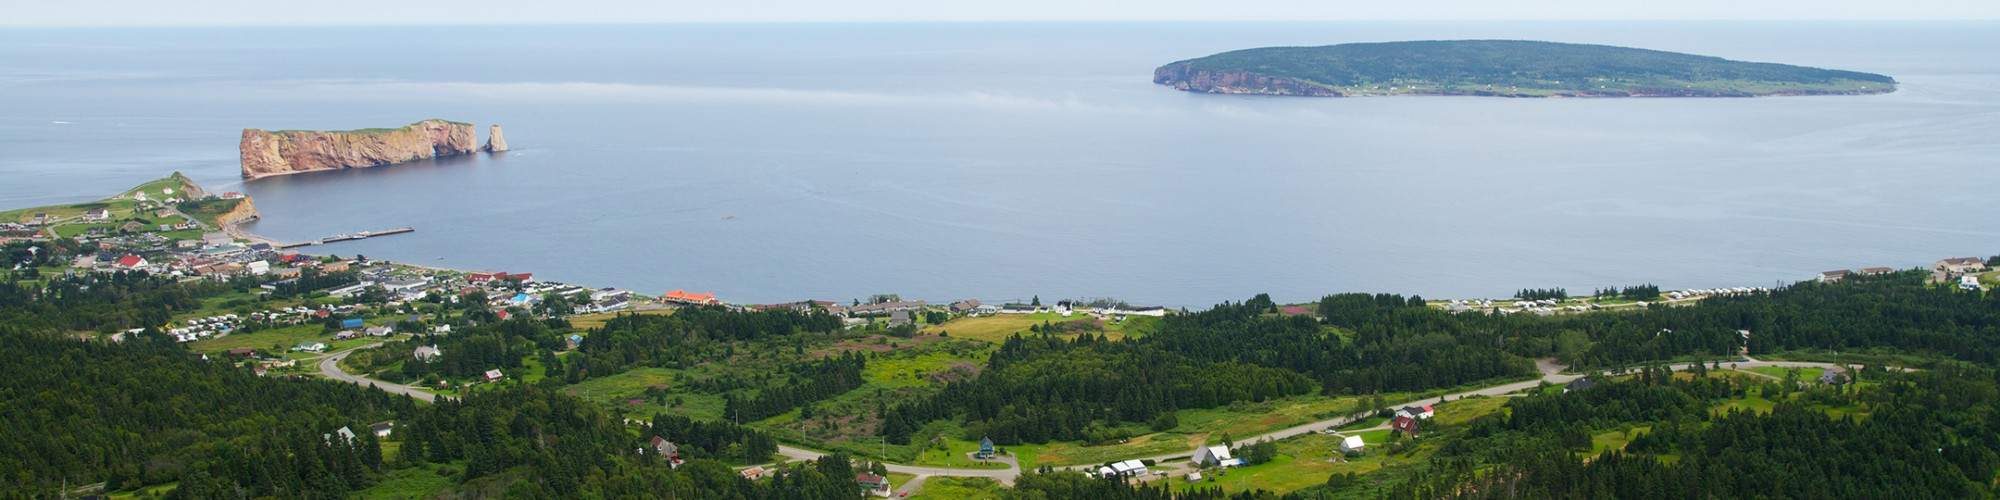 Aerial view, landscape, Percé Rock